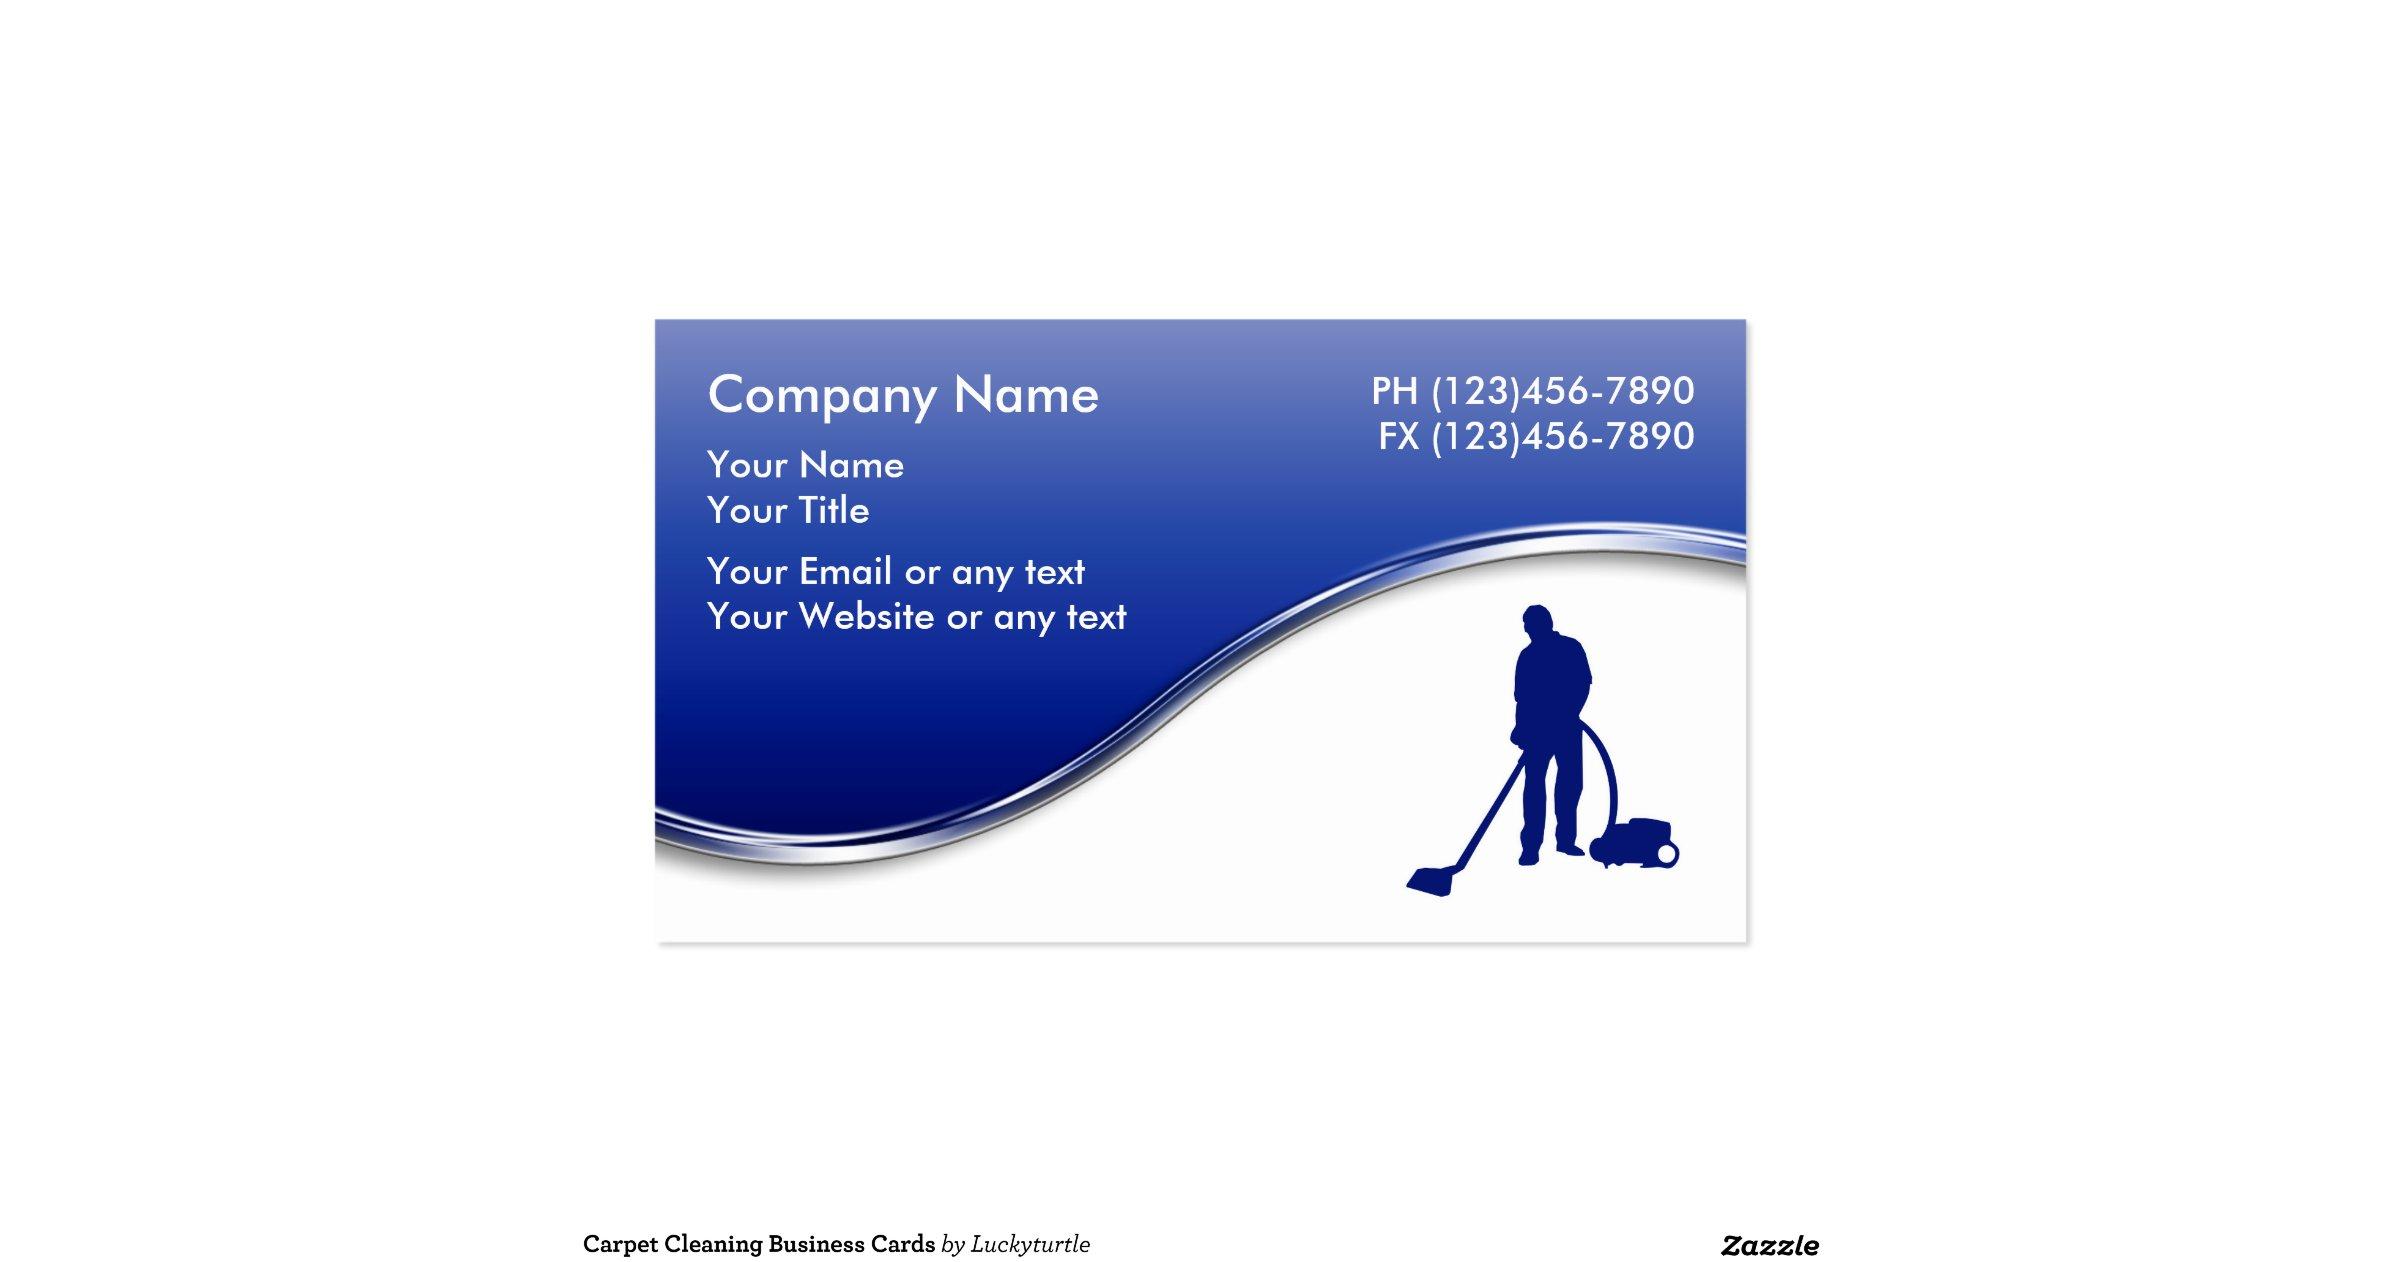 Carpetcleaningbusinesscards